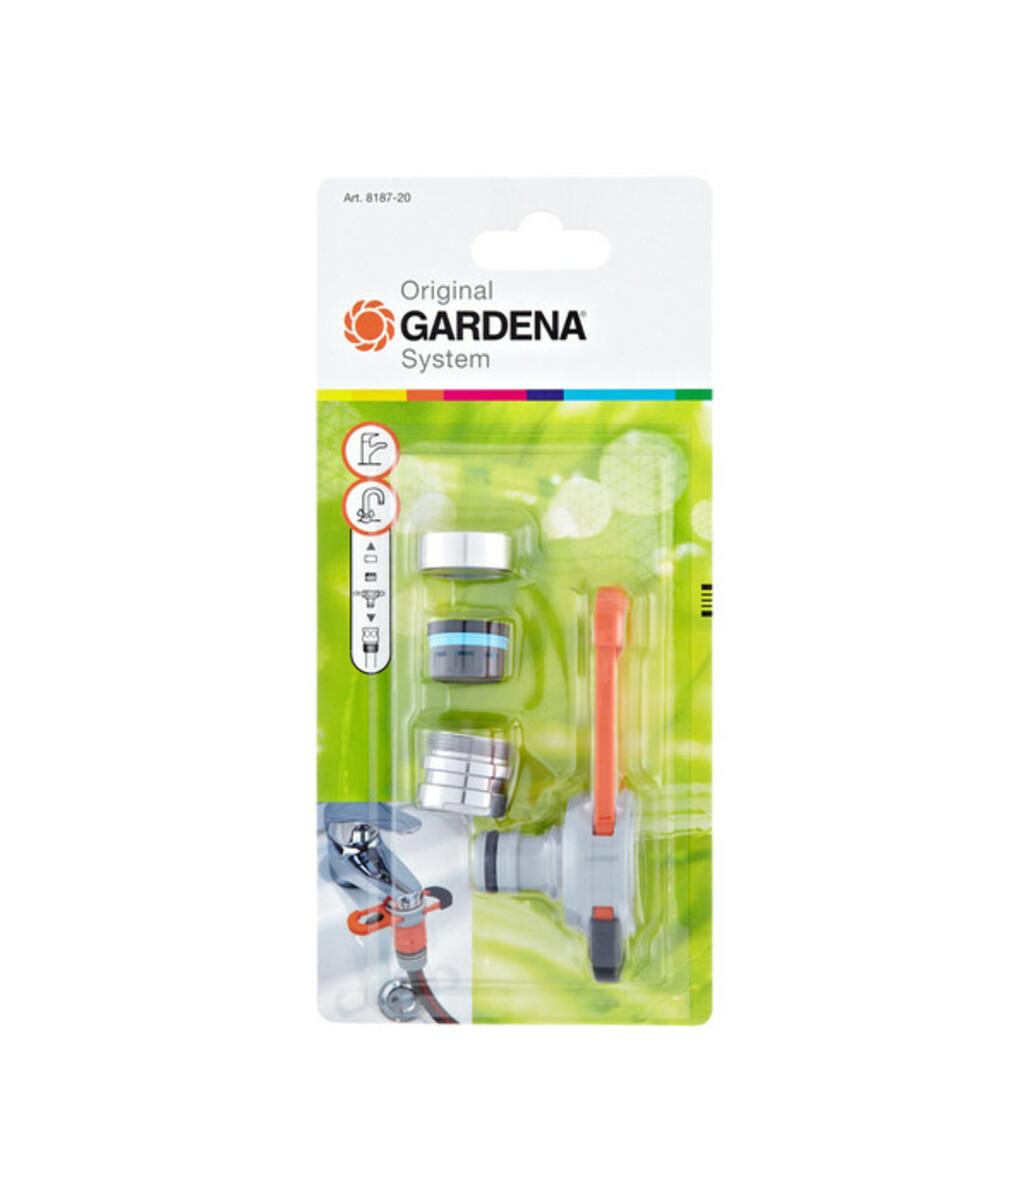 Bild 3 von GARDENA Universal Gartenschlauch-Adapter für Indoor-Wasserhähne